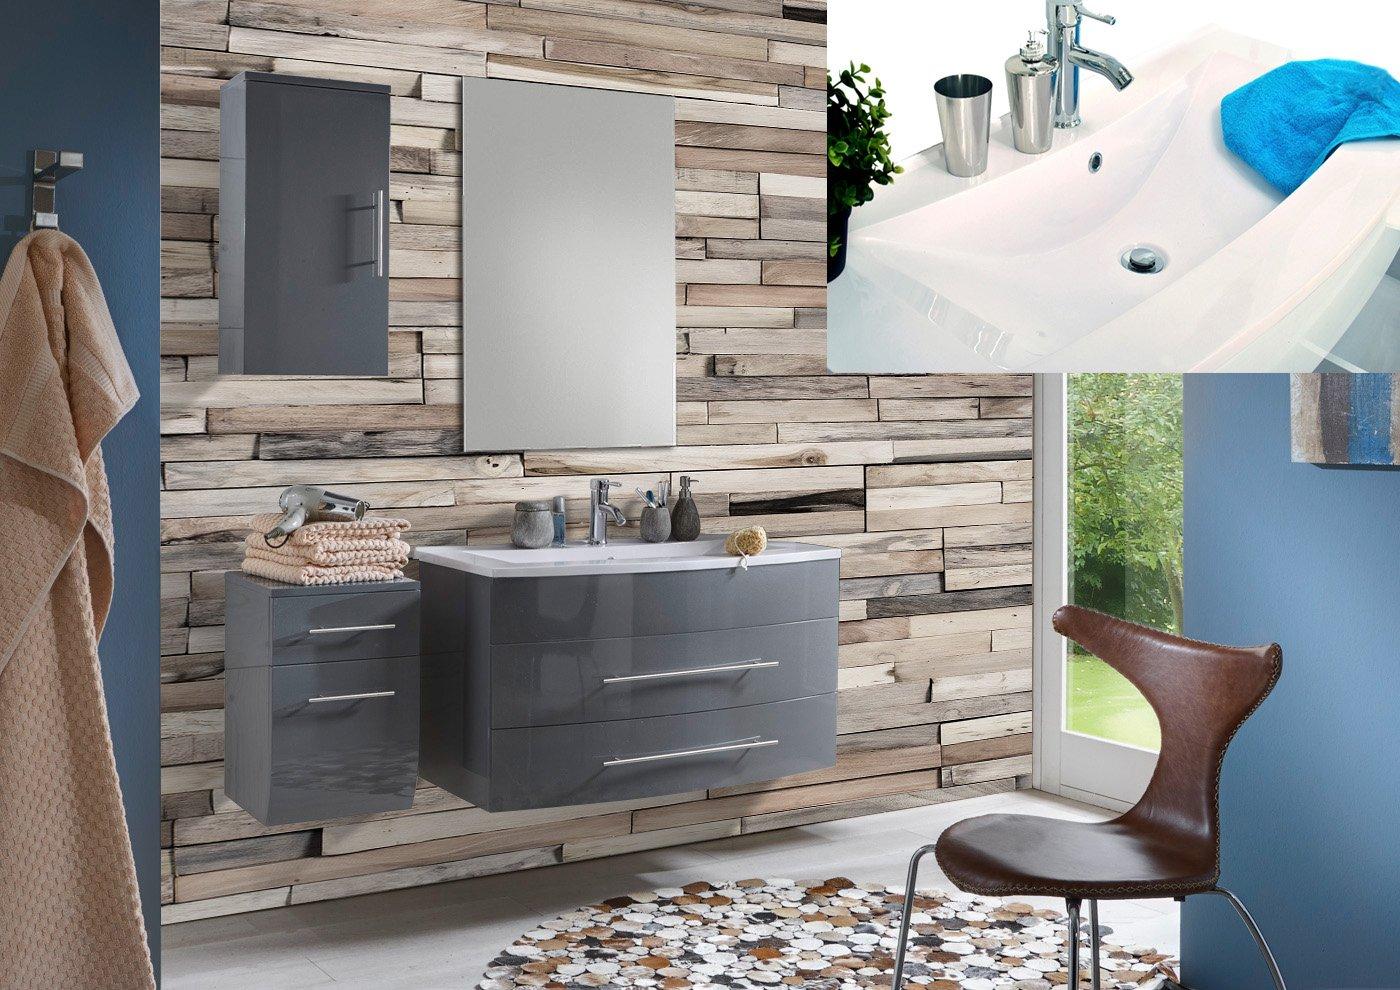 SAM® Badmöbel-Set Zürich light, 100 cm, in Hochglanz grau, 4tlg. Designer Badezimmer mit Softclose-Funktion, 1 Waschplatz mit Mineralgussbecken weiß, 1 Spiegel, 1 Unterschrank, 1 Hängeschrank